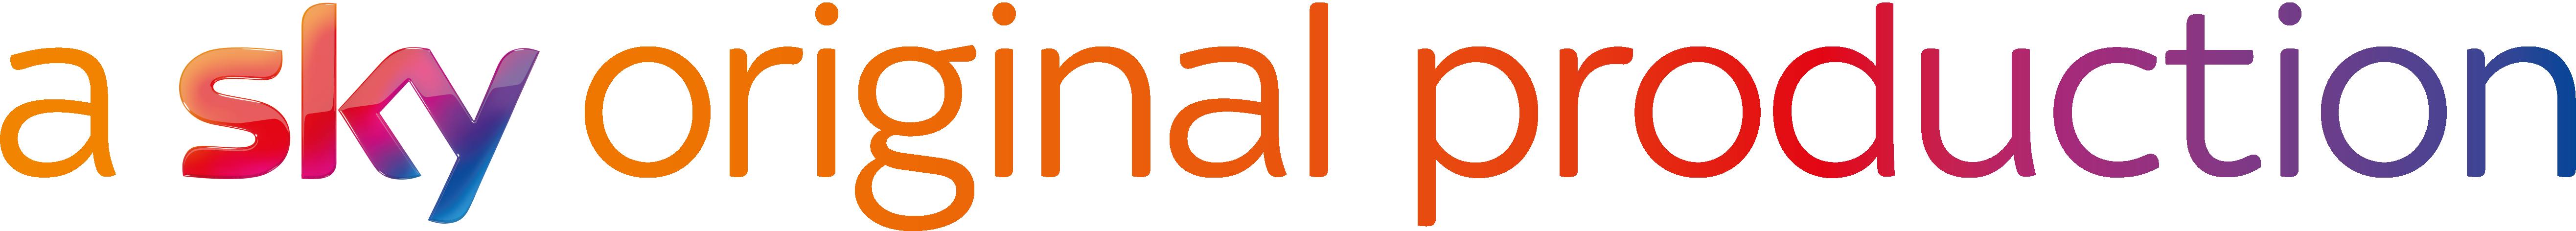 A Sky Original Production Logo